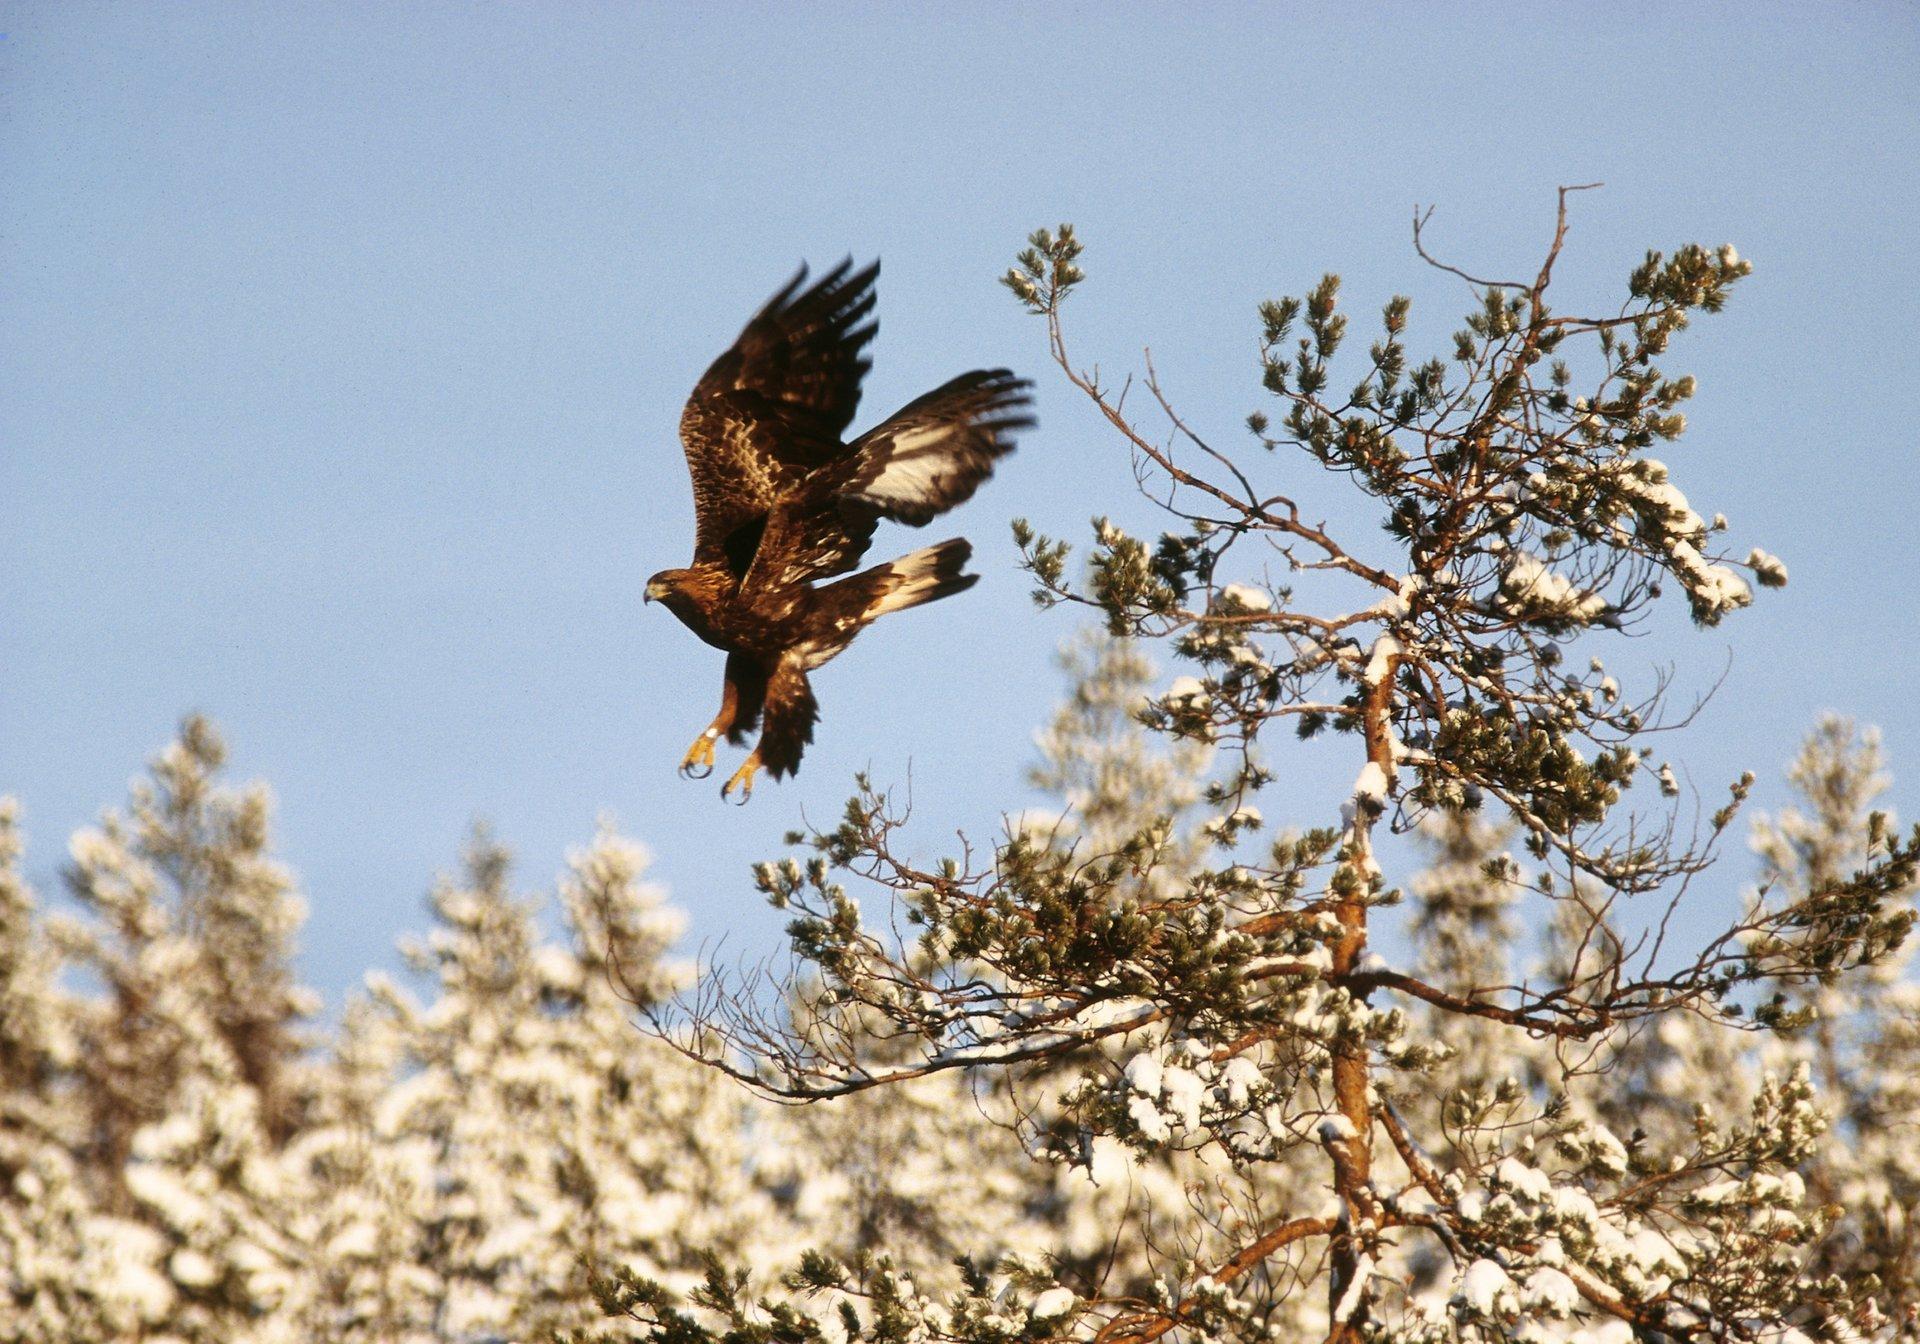 Birdwatching in Sweden 2020 - Best Time